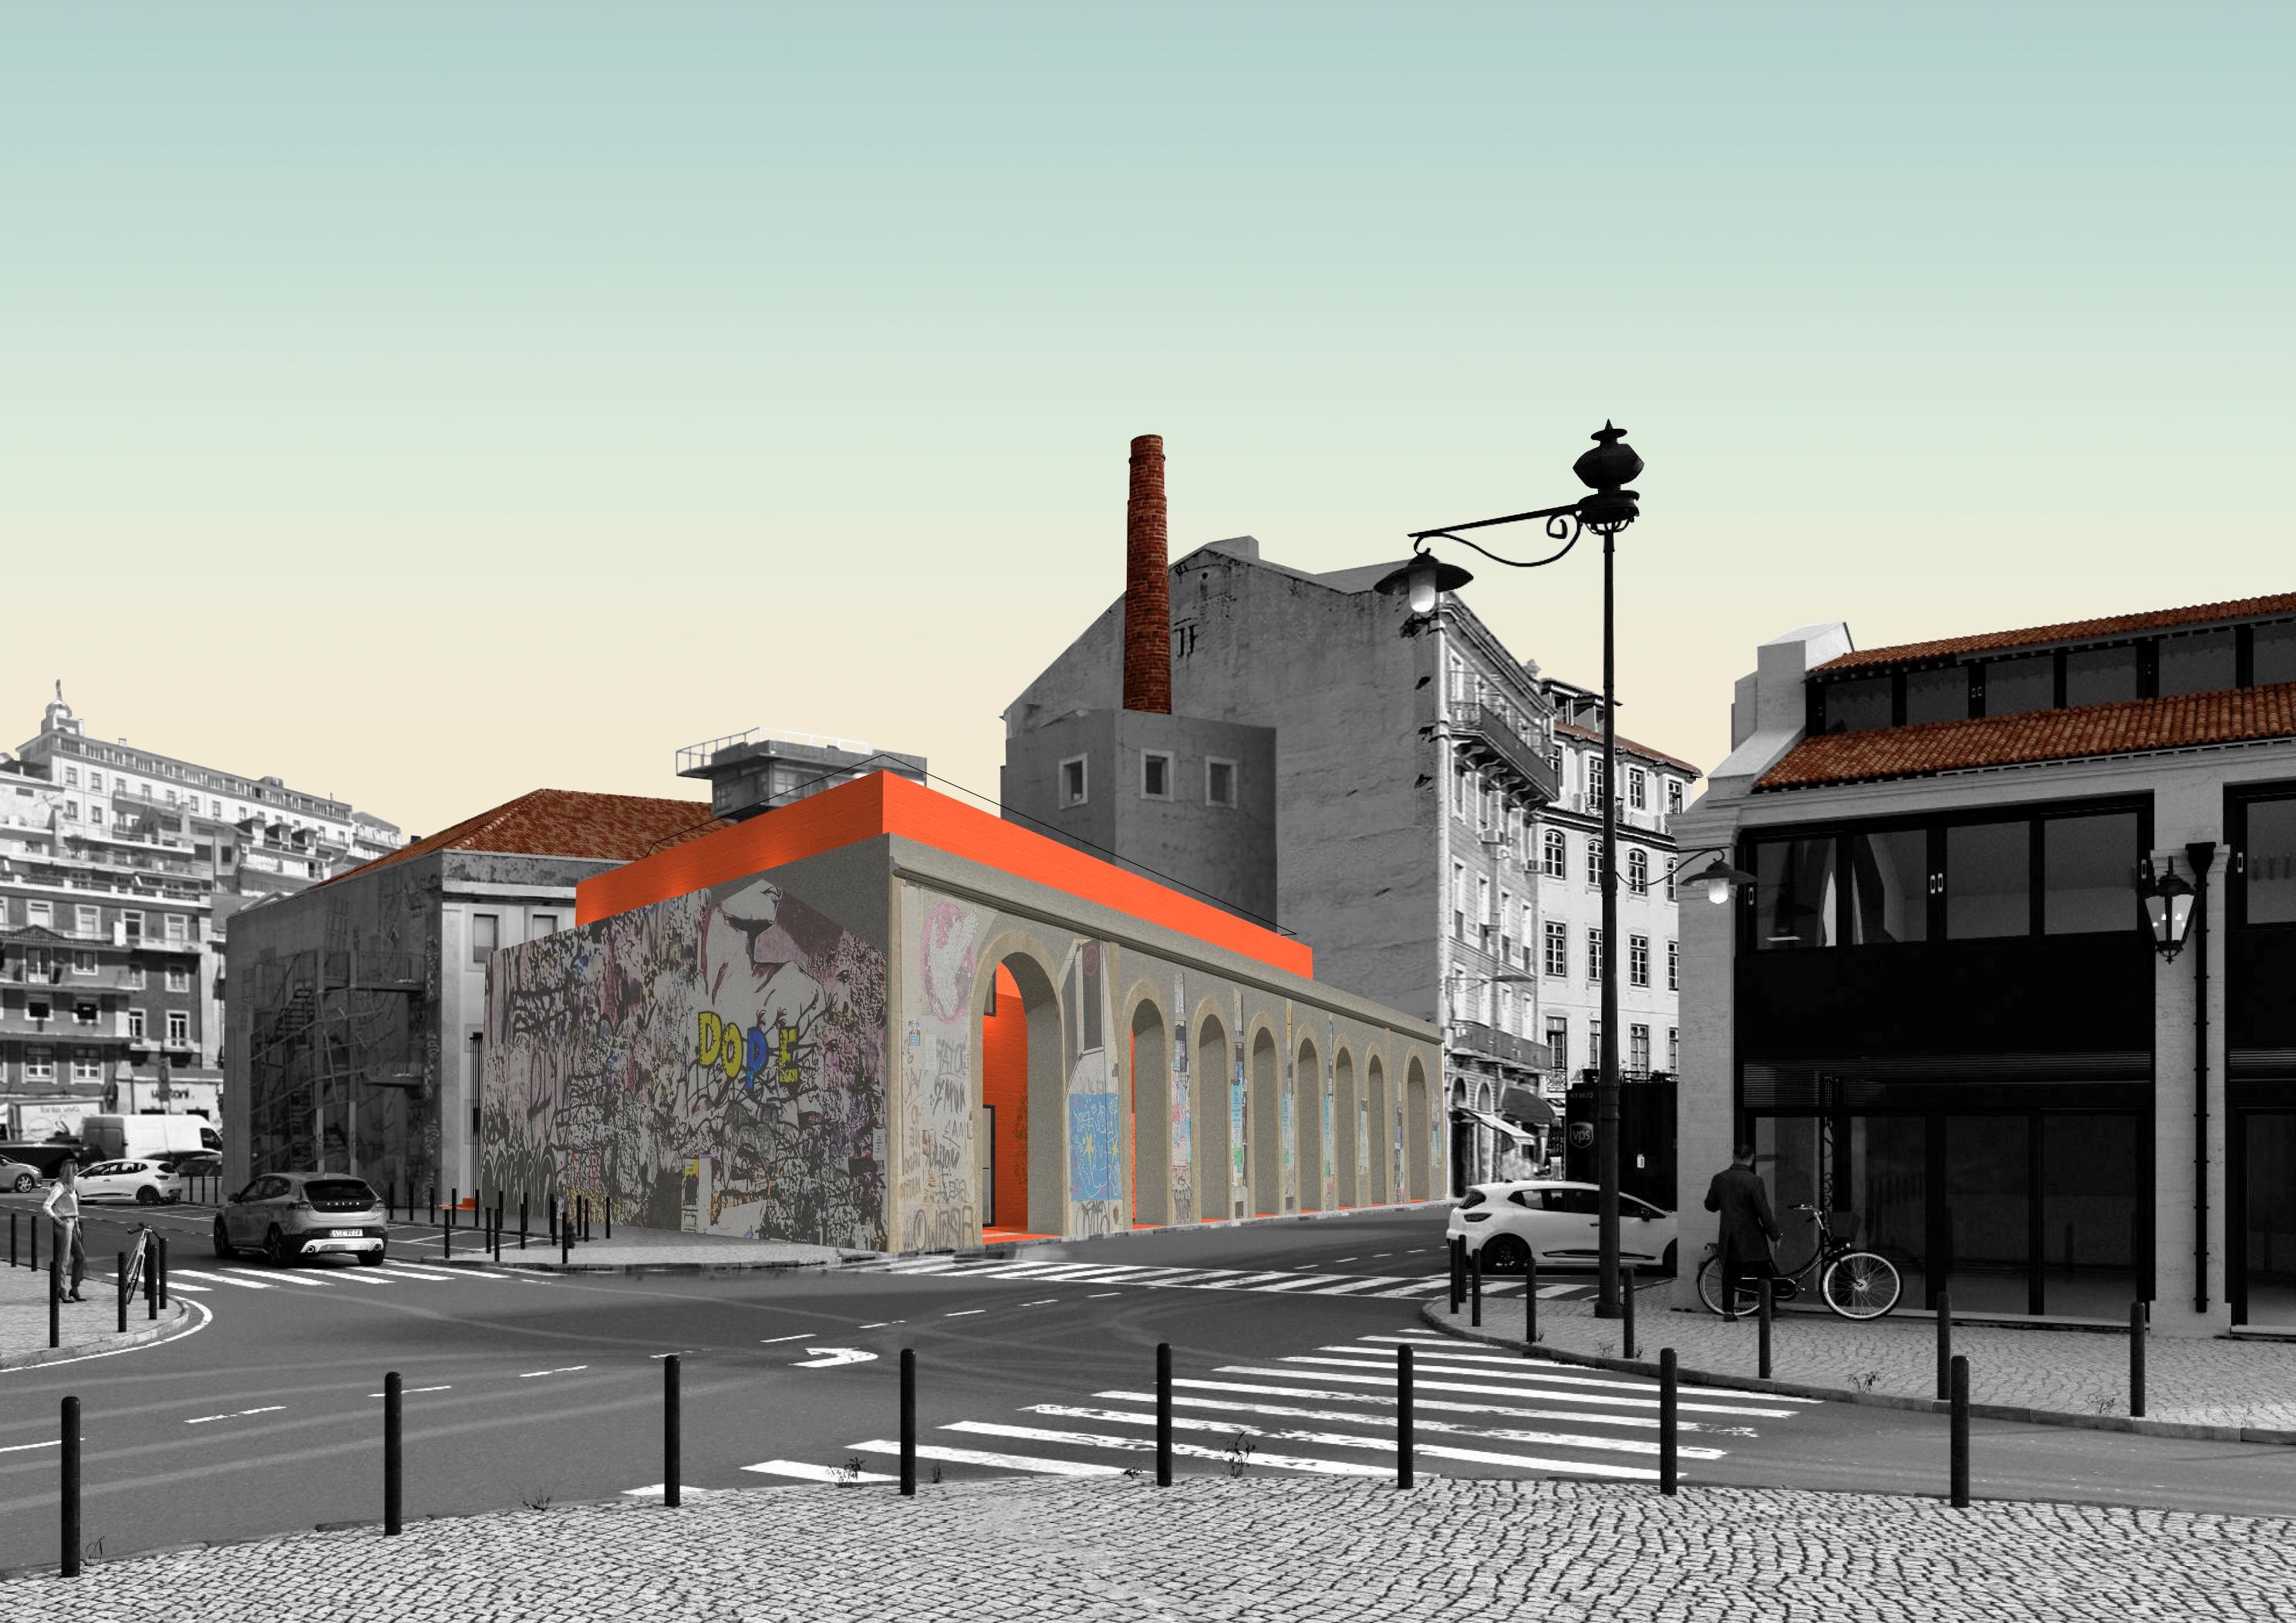 Projeto da MELOM entre os finalistas do maior concurso de arquitetura do mundo